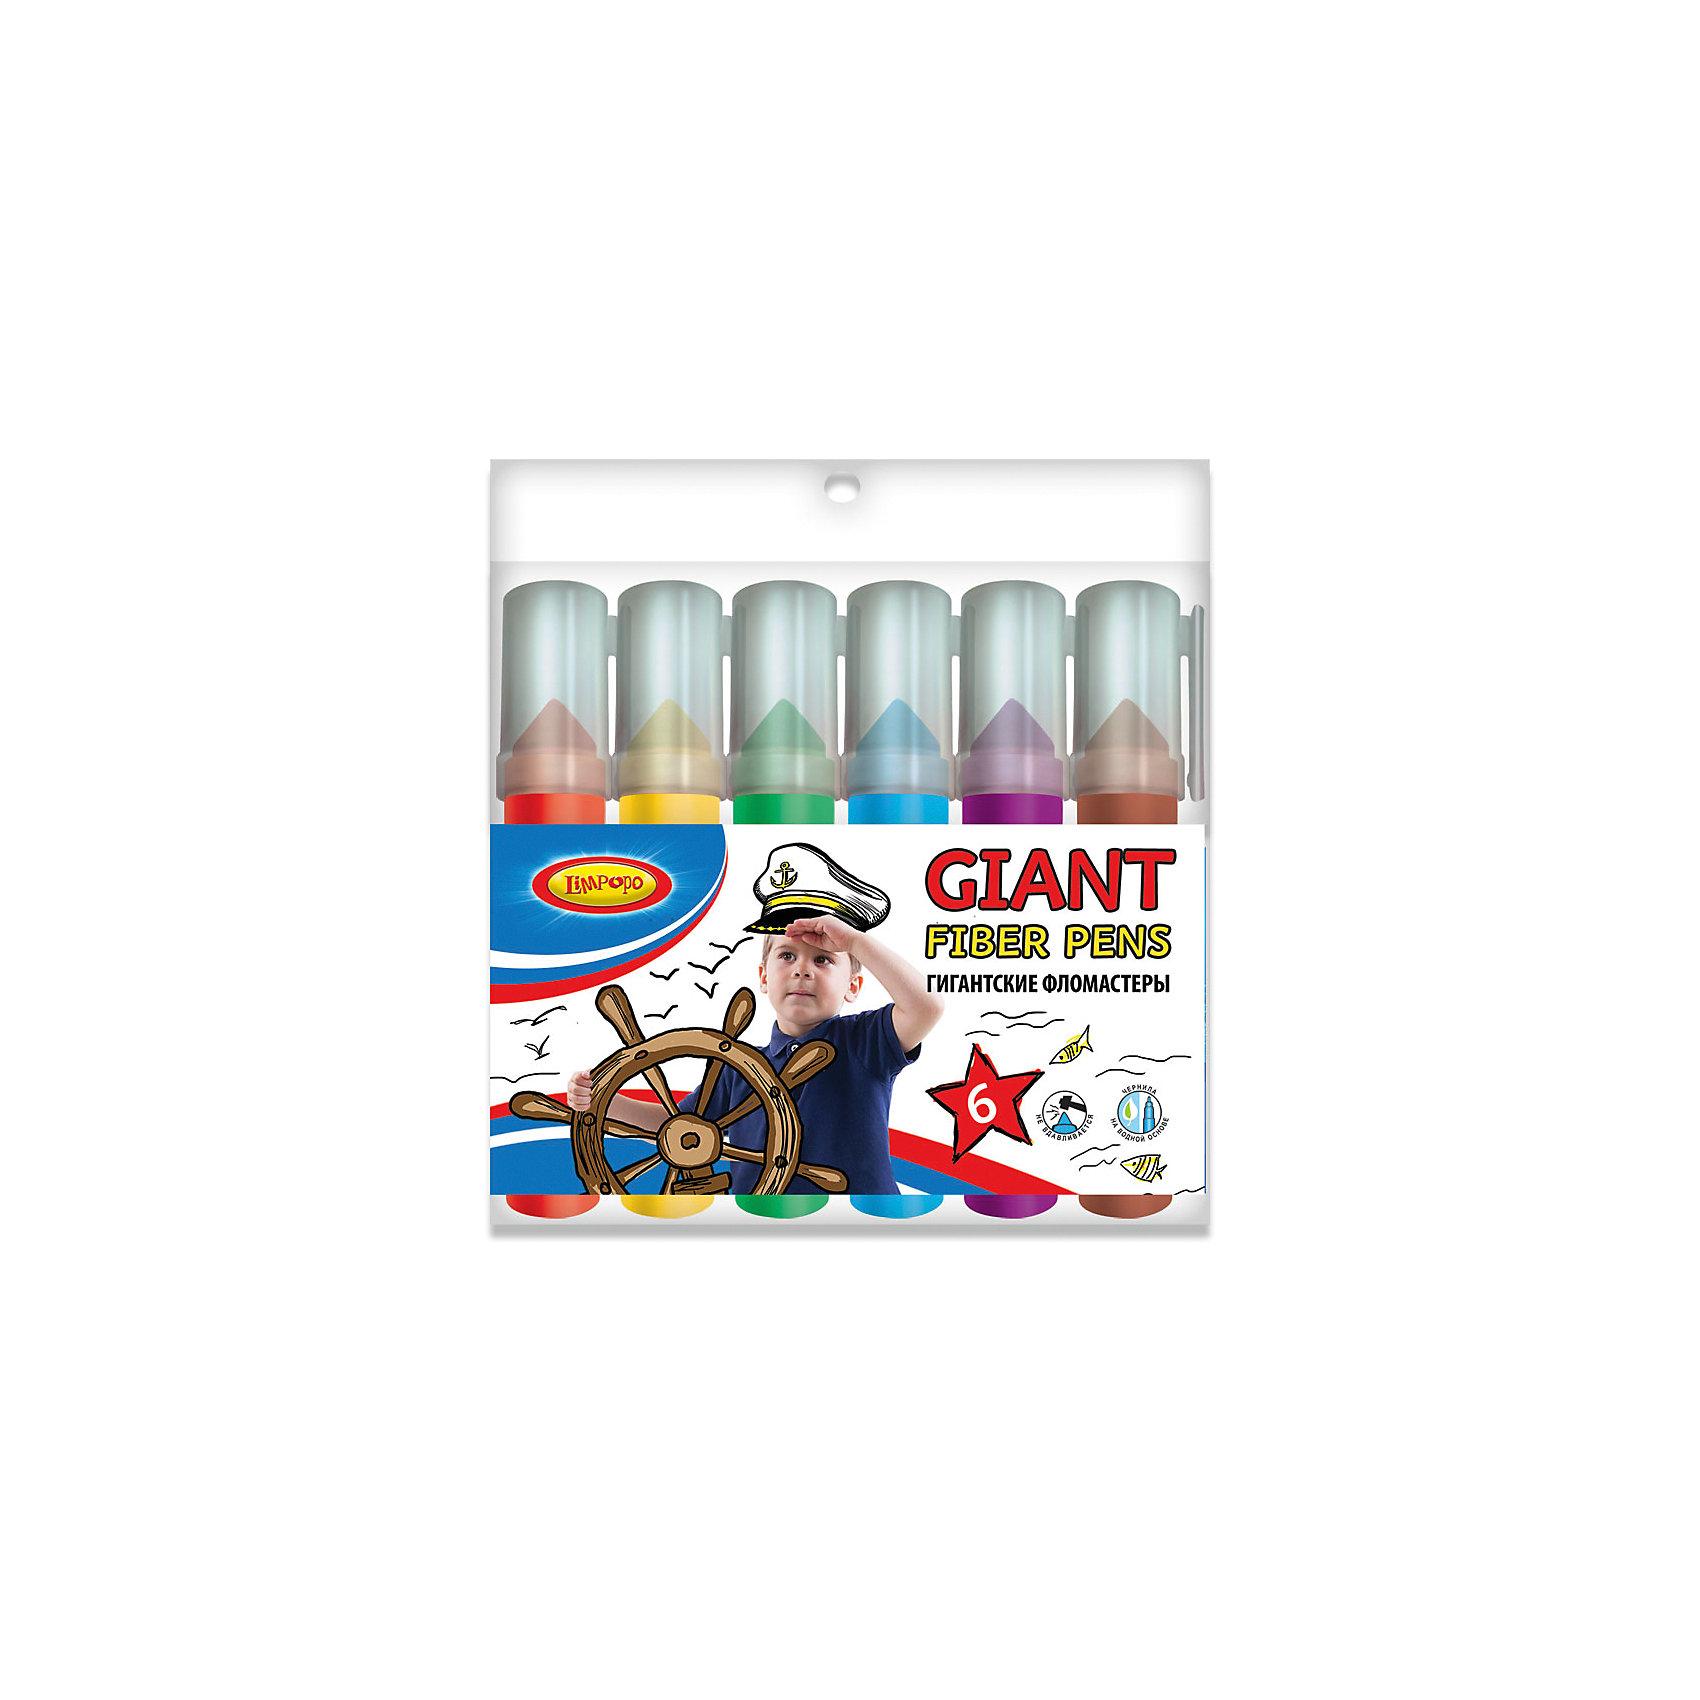 Фломастеры-гиганты Супер-дети 6 цветовПисьменные принадлежности<br>Фломастеры-гиганты Супер-дети 6 цветов, Limpopo (Лимпопо)<br><br>Характеристики:<br><br>• безопасные чернила<br>• яркие цвета<br>• вентилируемый колпачок<br>• пенал на молнии<br>• привлекательный дизайн упаковки<br>• в комплекте: 6 фломастеров<br>• размер упаковки: 16х15,5х2 см<br>• вес: 148 грамм<br><br>Рисование фломастерами - очень полезное и увлекательное занятие. А если фломастеры большие, то они принесут много радости и положительных эмоций! Фломастеры-гиганты Супер-дети отличаются большим размером. Юный художник обязательно сможет найти им применение. В комплект входят 6 фломастеров с вентилируемым колпачком. Чернила безопасны для ребенка. Вентилируемый колпачок предотвратит быстрое высыхание. Пенал имеет молнию, с помощью которой можно застегнуть упаковку после рисования.<br><br>Фломастеры-гиганты Супер-дети 6 цветов, Limpopo (Лимпопо) вы можете купить в нашем интернет-магазине.<br><br>Ширина мм: 155<br>Глубина мм: 20<br>Высота мм: 160<br>Вес г: 148<br>Возраст от месяцев: 36<br>Возраст до месяцев: 96<br>Пол: Унисекс<br>Возраст: Детский<br>SKU: 5390294